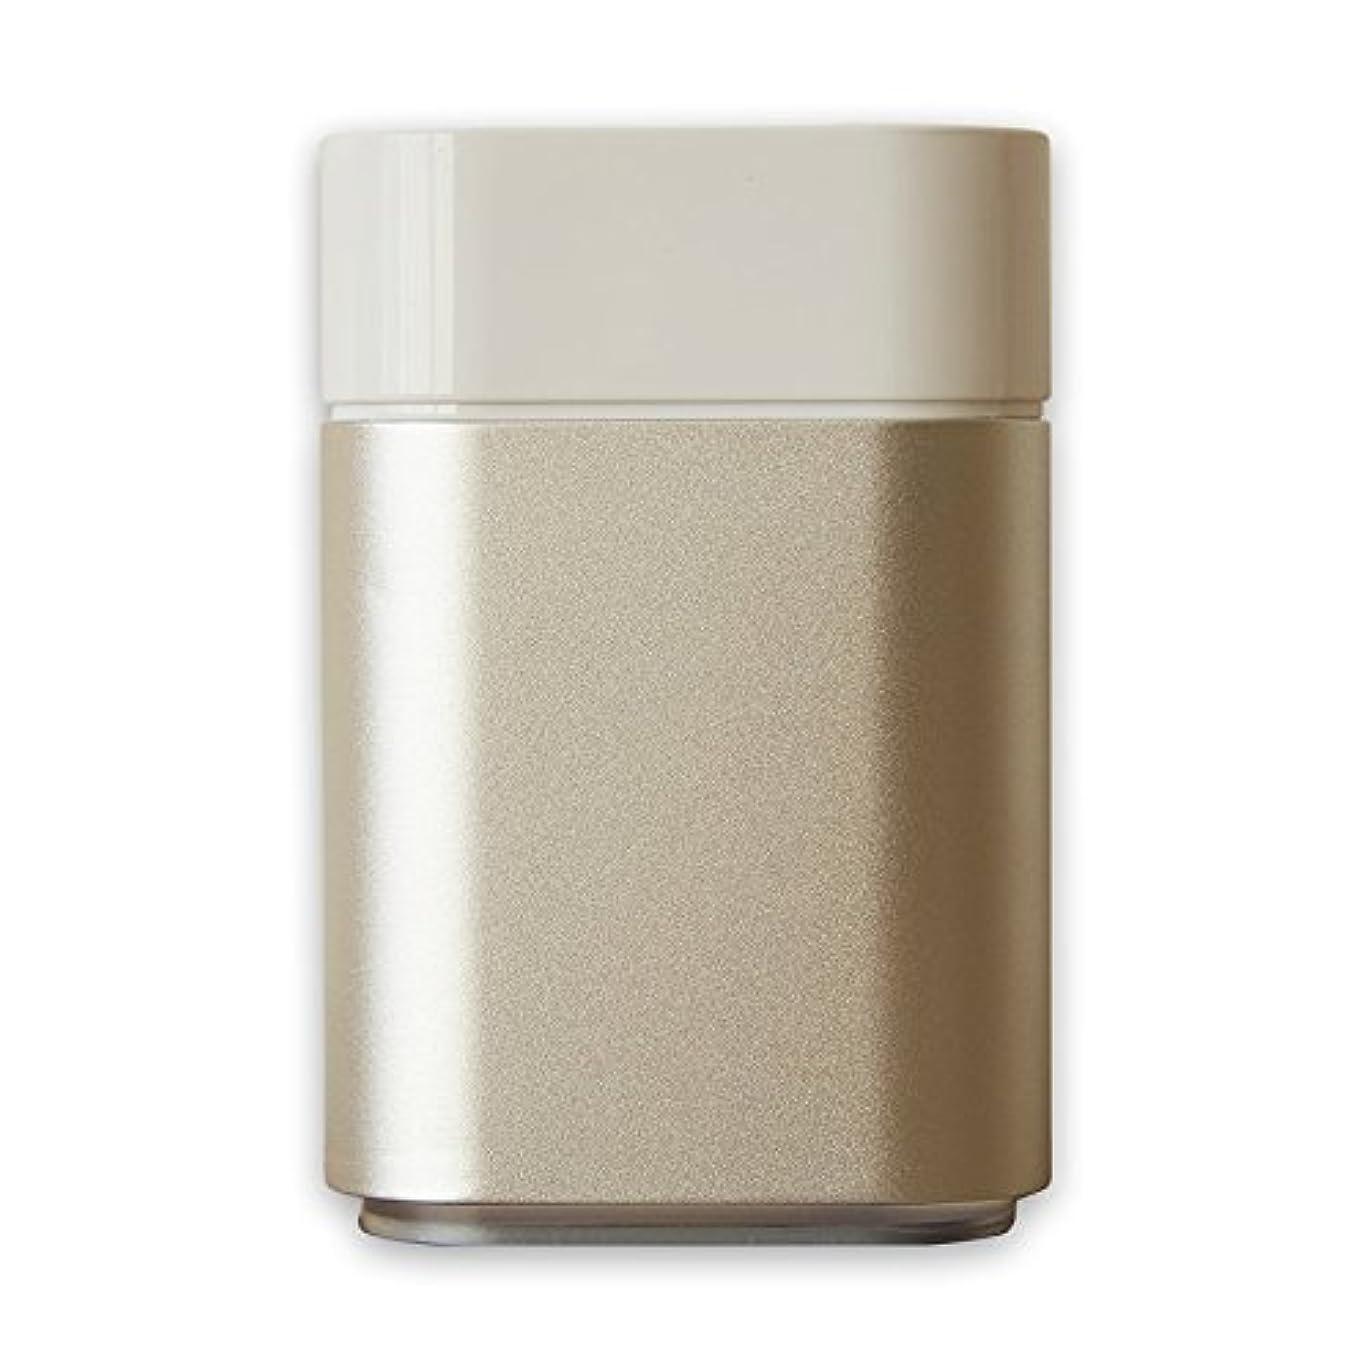 ポンペイピースファイバアロマディフューザー UR-AROMA04 卓上 小型 Uruon(ウルオン)水を使わない アロマ ネブライザー式 水なし ダイレクトオイル 製油瓶直噴式 超音波式 USB 卓上 油性 水性 静音 アロマオイル